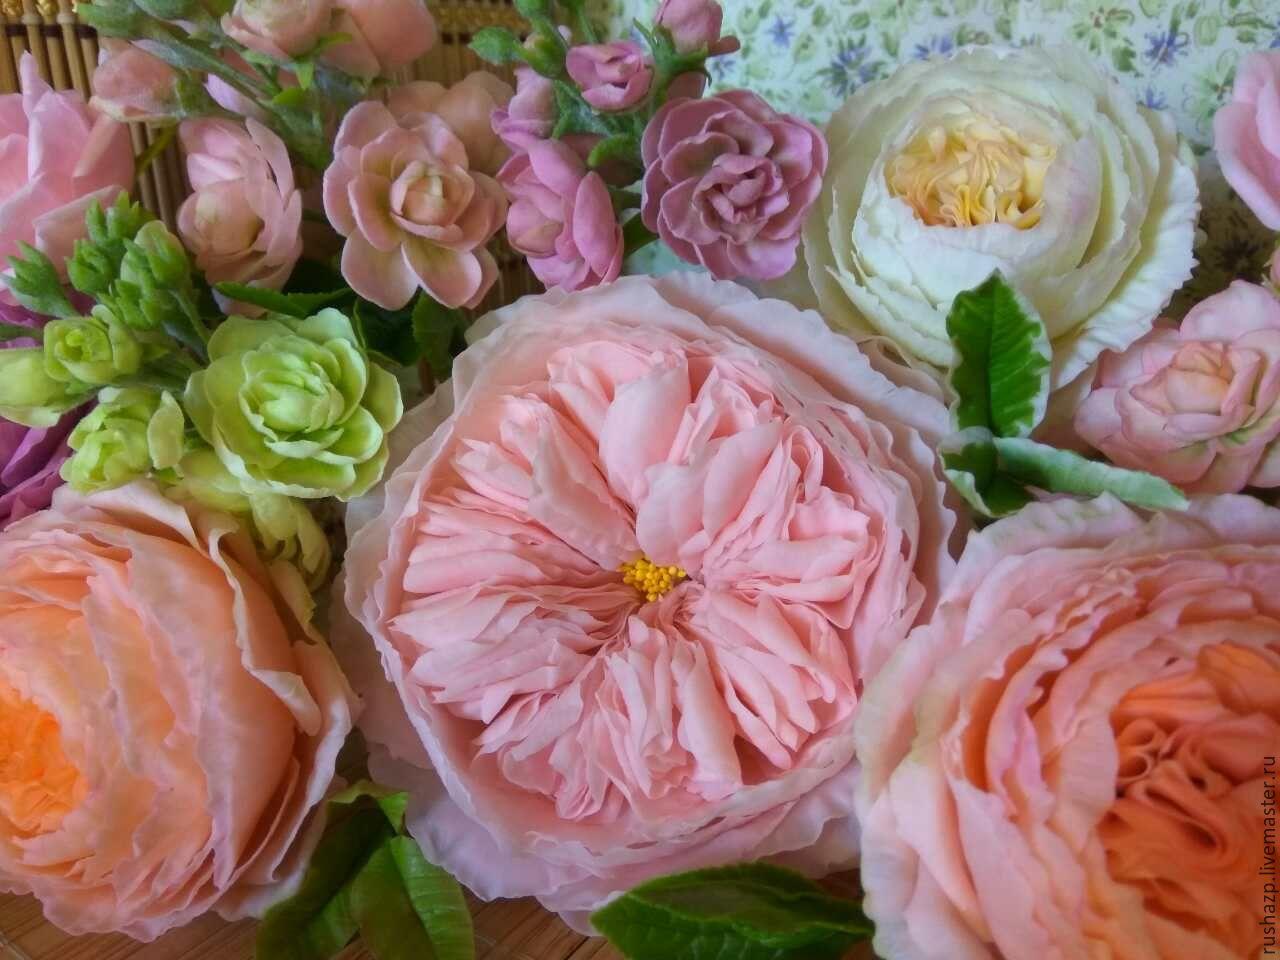 Интерьерные композиции ручной работы. Ярмарка Мастеров - ручная работа. Купить Пионовидная роза из полимерной глины. Handmade. Розовый